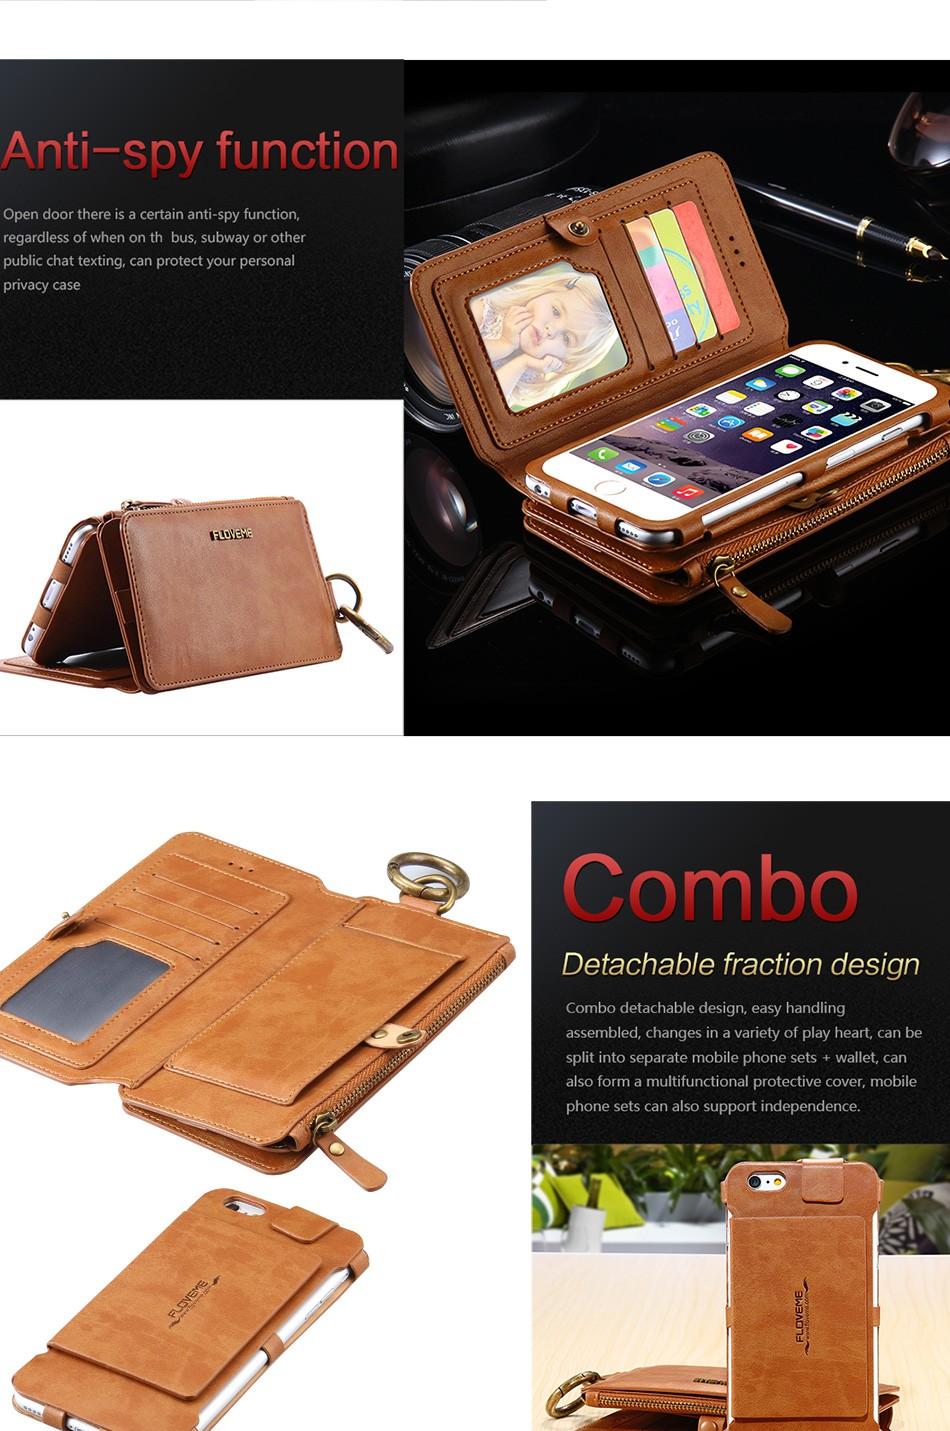 Floveme oryginalny retro skóra telefon case for iphone 6s 6 4.7 dla iphone6s iphone 6s przypadki metalowy pierścień coque pokrowce na iphone 7 6